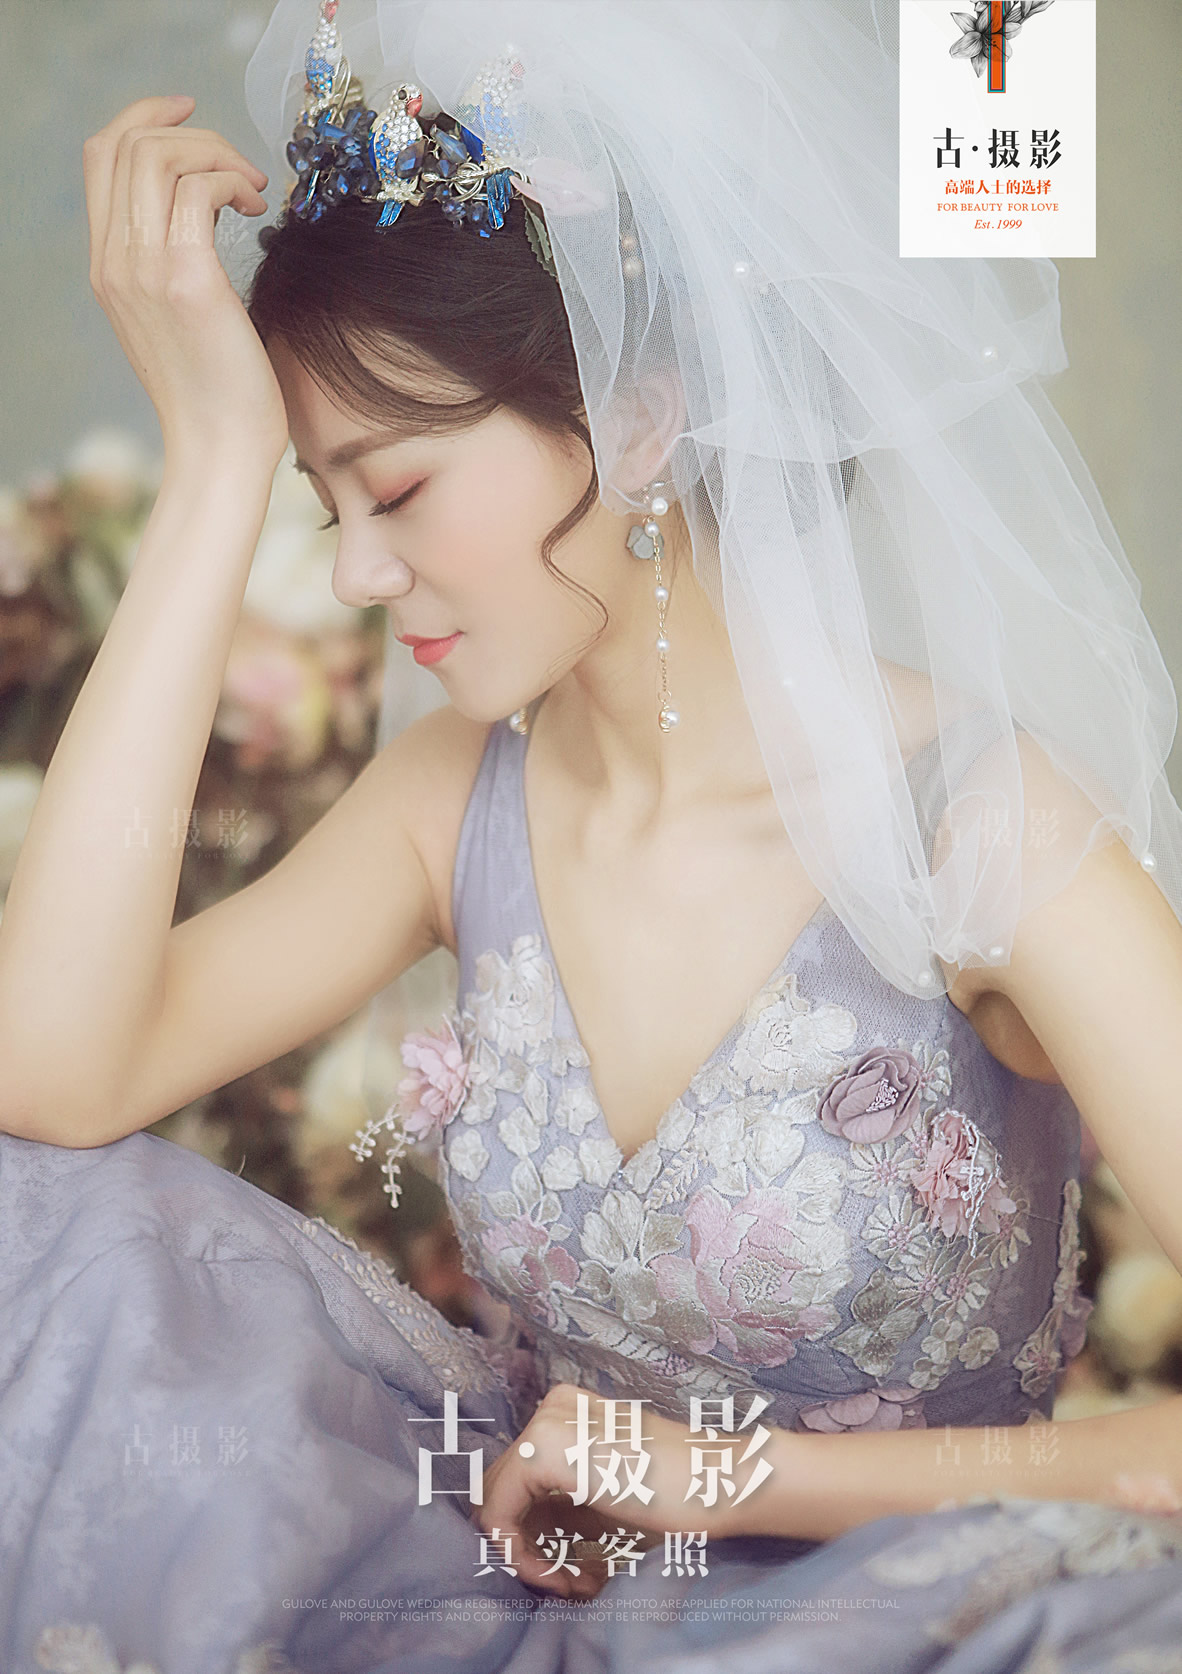 5月10日客片李先生 王小姐 - 每日客照 - love昆明古摄影-昆明婚纱摄影网